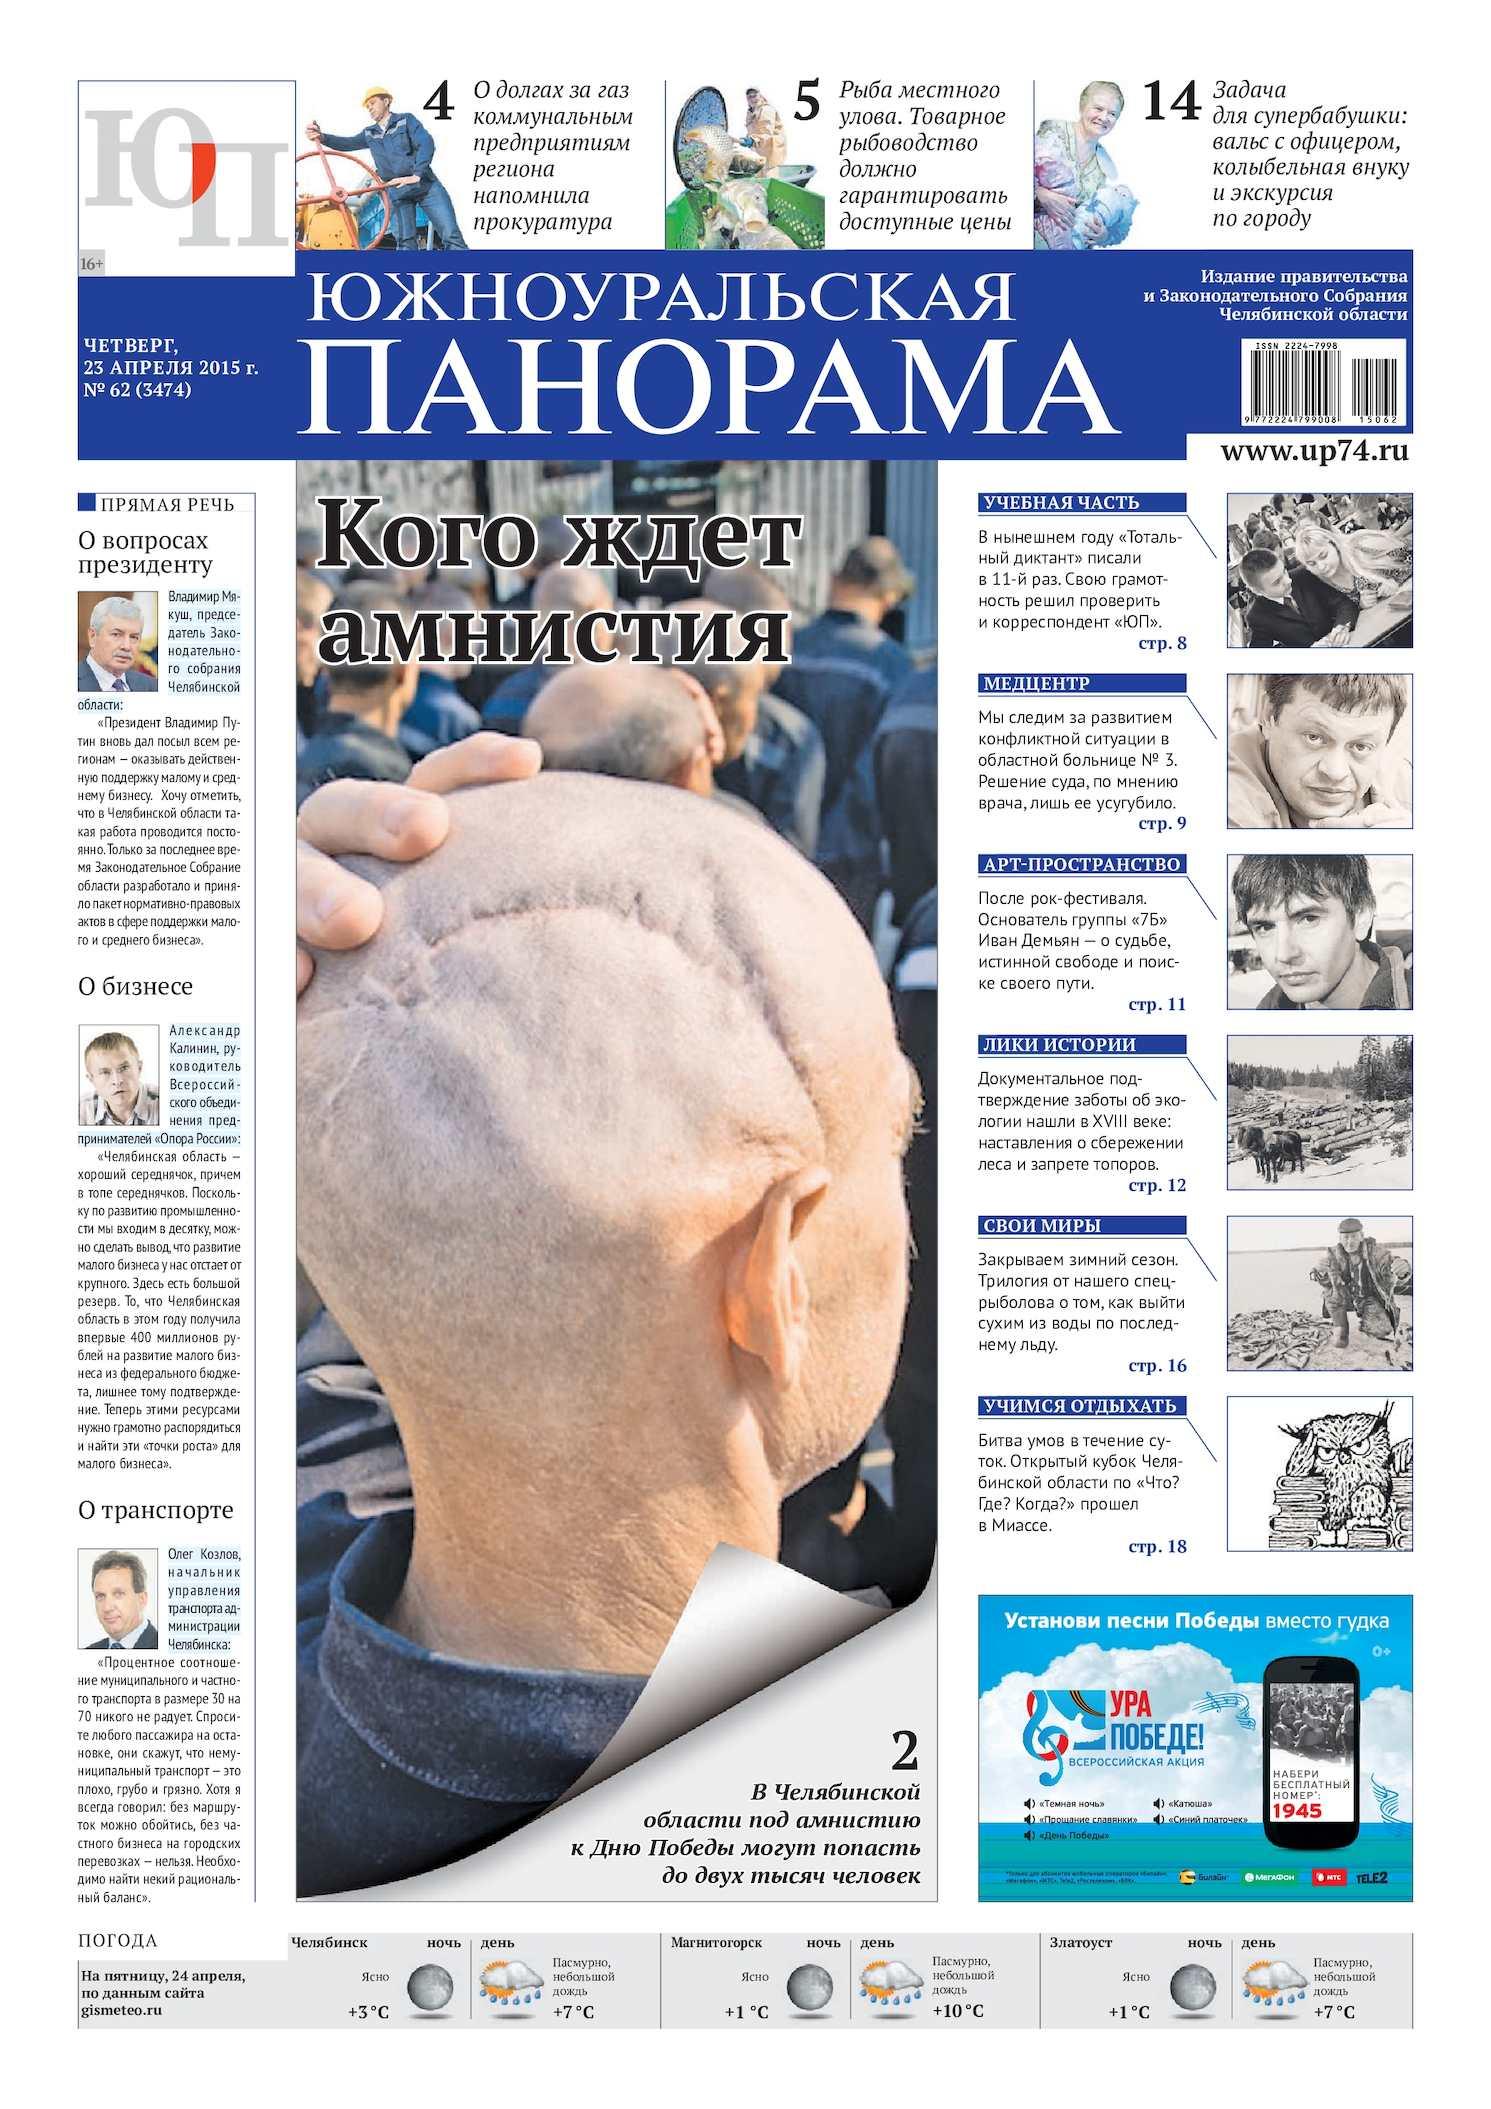 Школа 7 город миасс диктант по русскому языку за первое полугодие